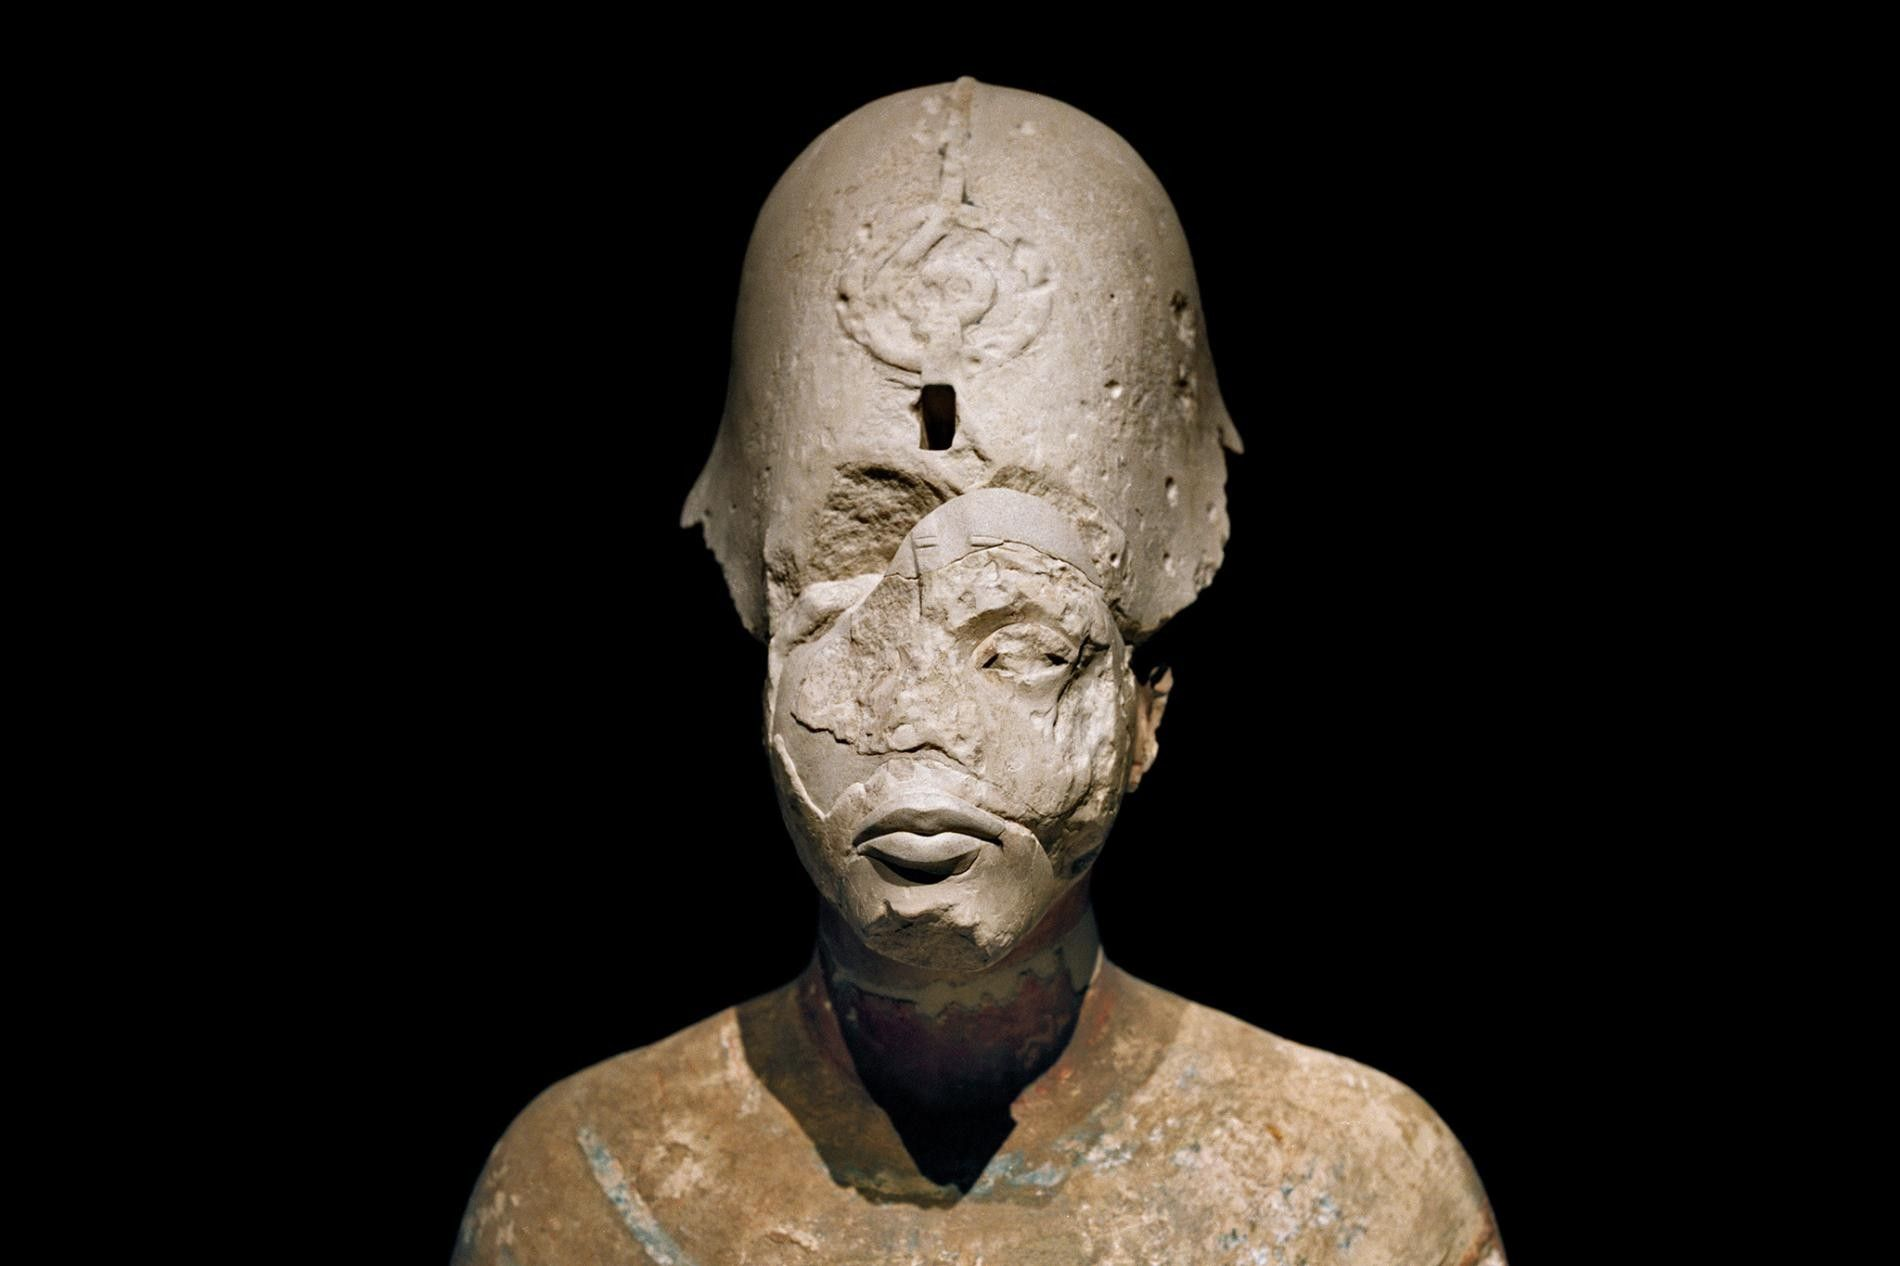 Exposé dans le Neues Museum, à Berlin, le buste d'Akhenaton porte les stigmates de l'art moderne et de l'art ancien.